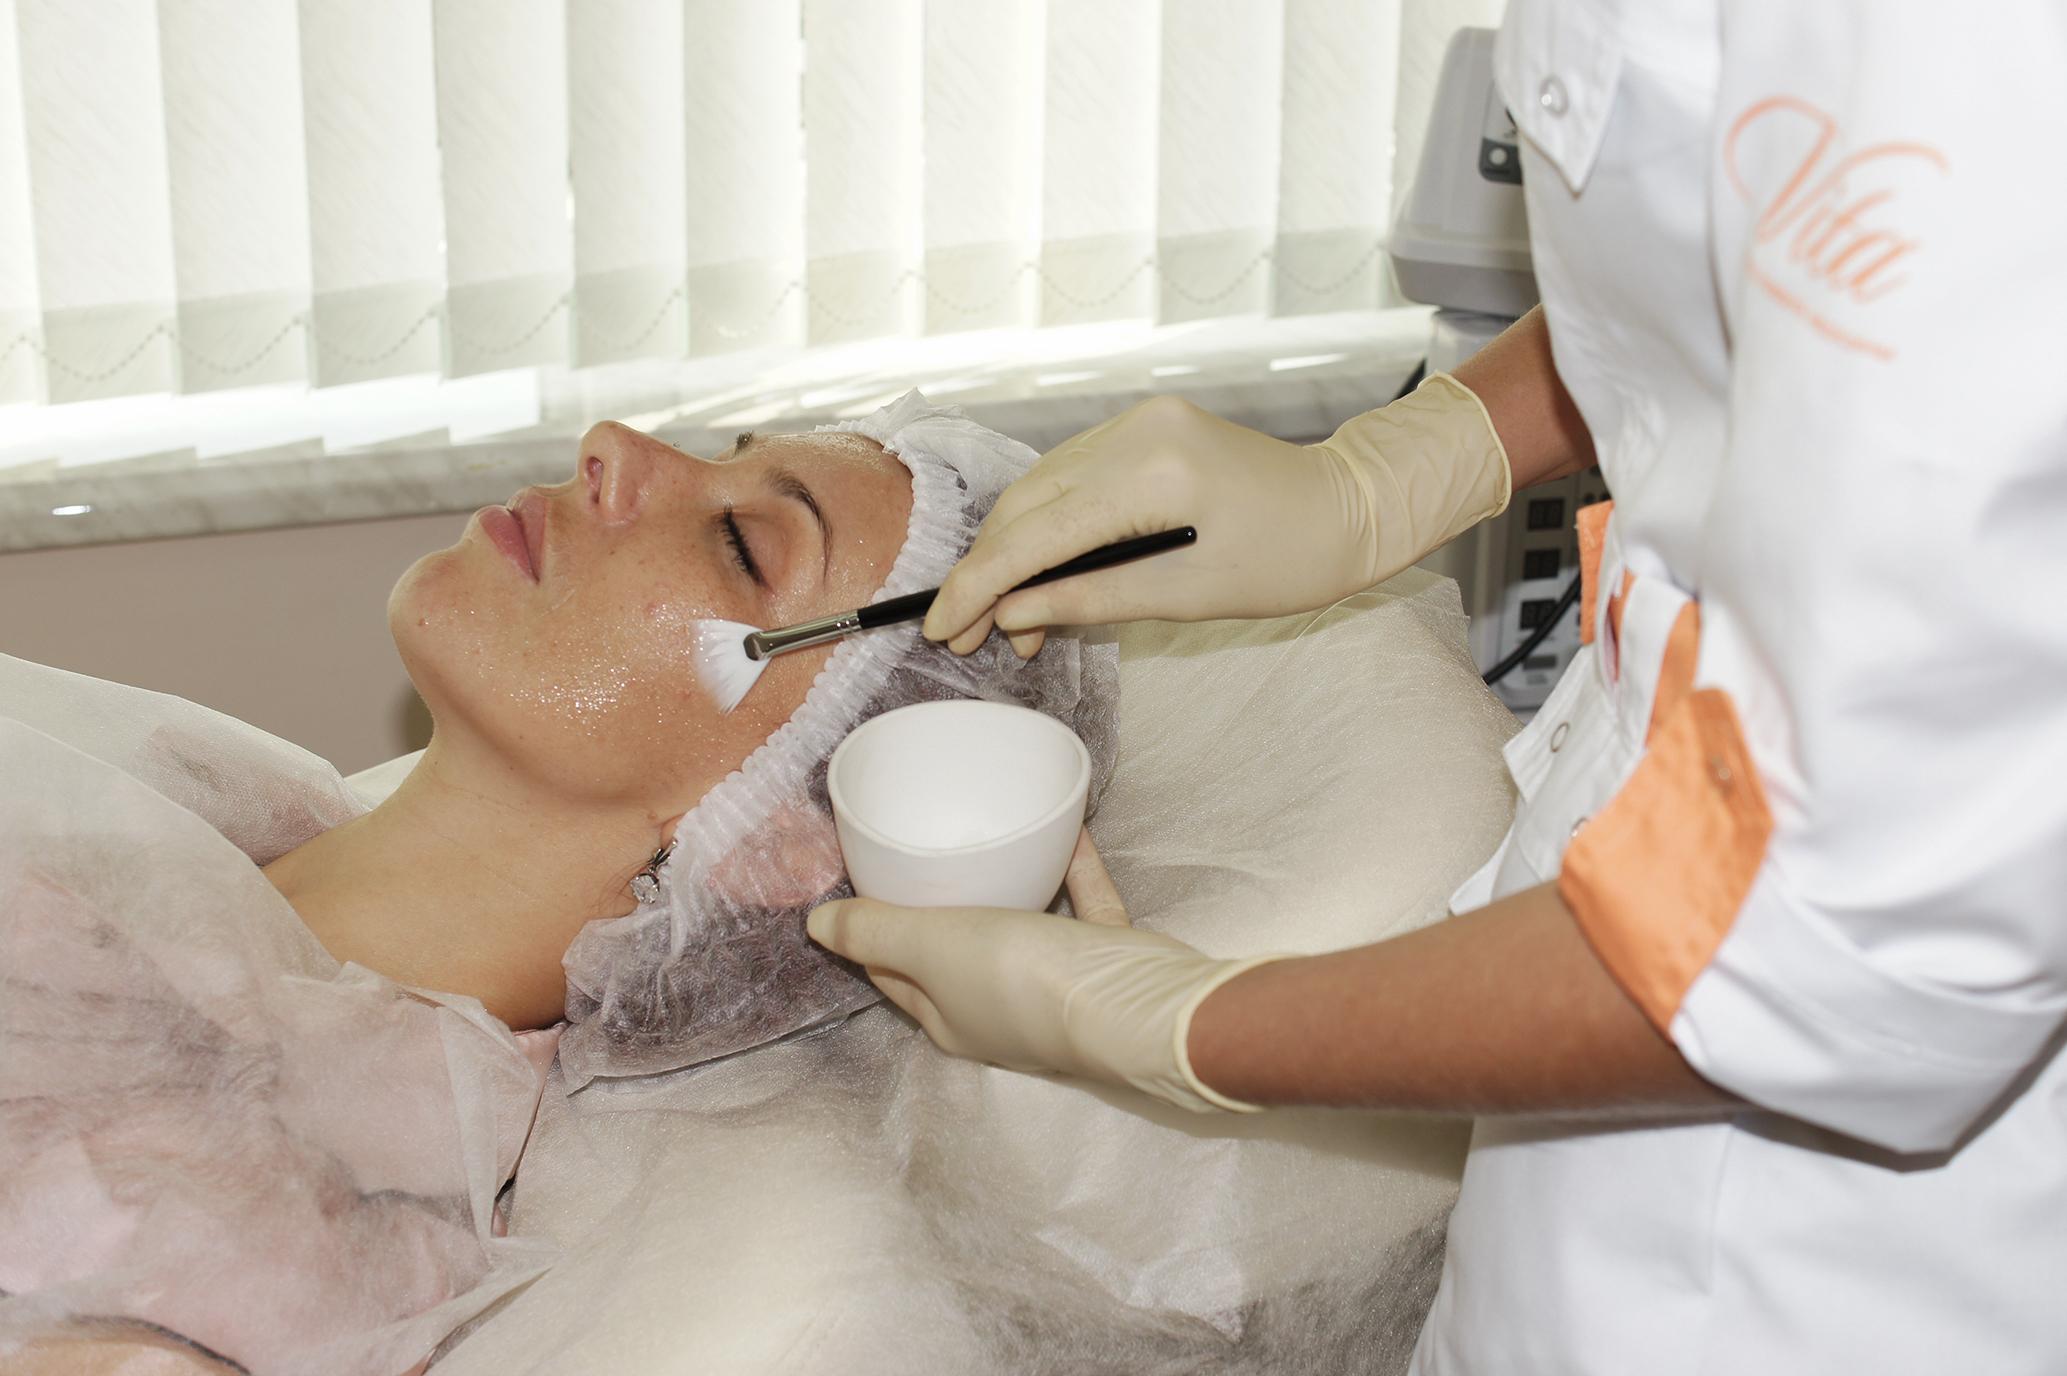 Г. краснодар стоматологические поликлиники